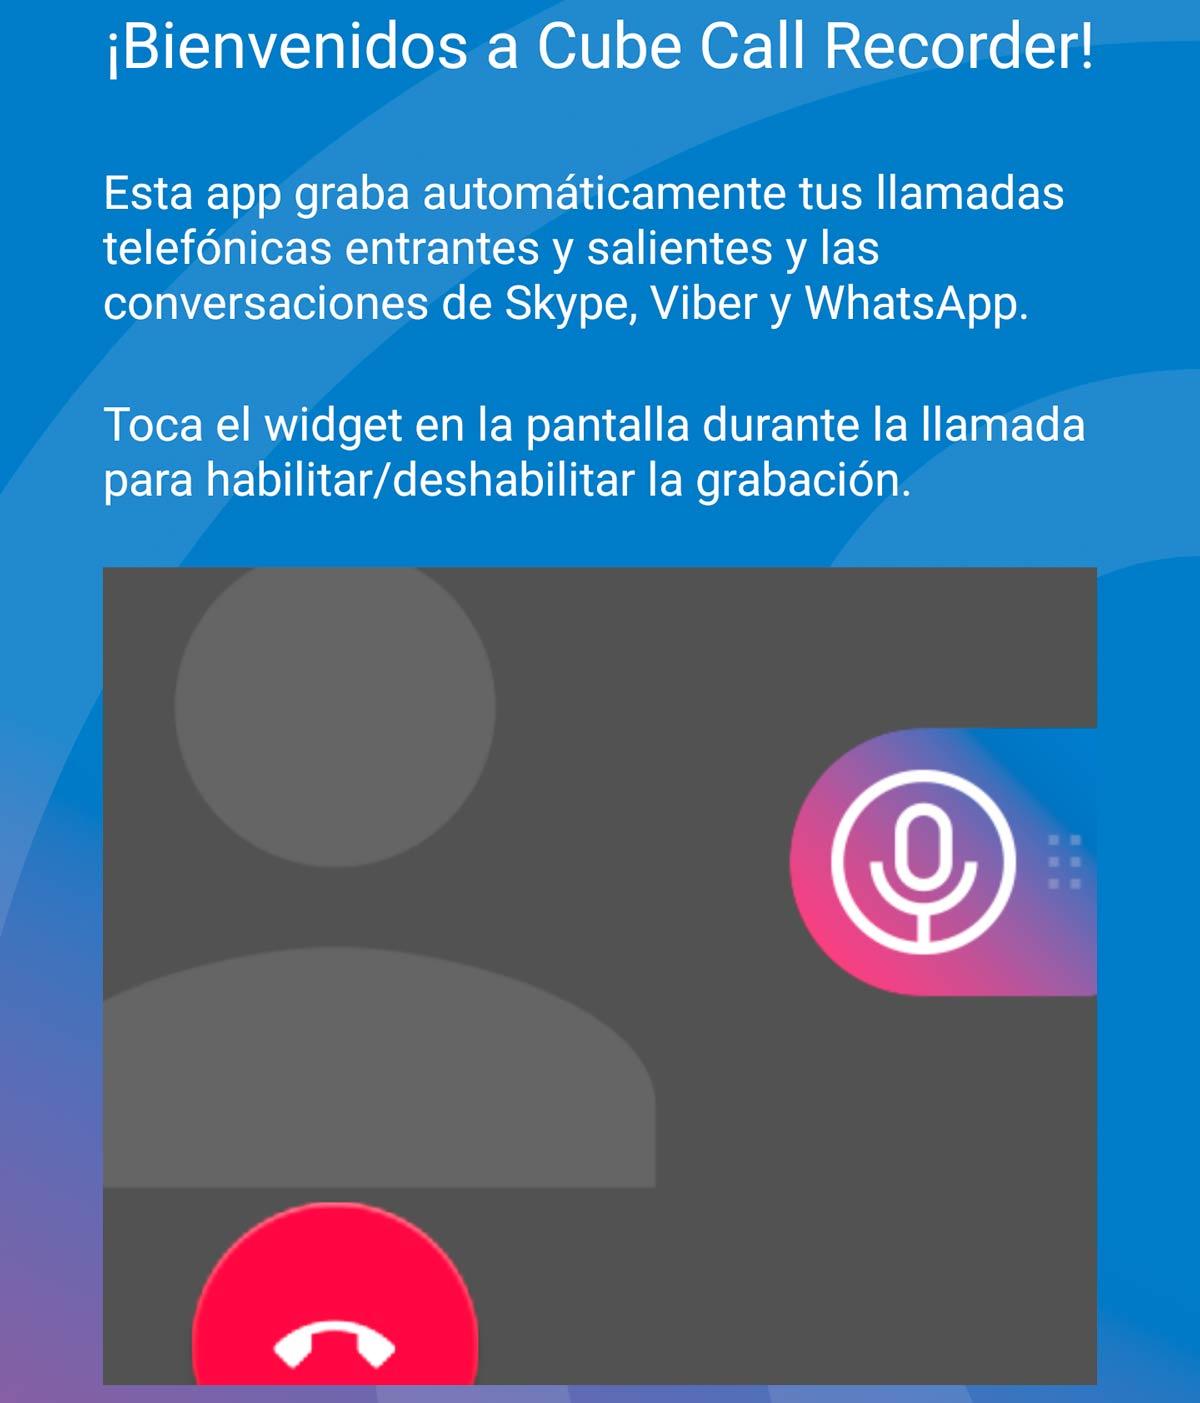 Descubre como grabar llamadas desde Android con sencillos pasos. Una herramienta funcional que te permitira tener un respaldo de las conversaciones mas importantes, de manera segura.